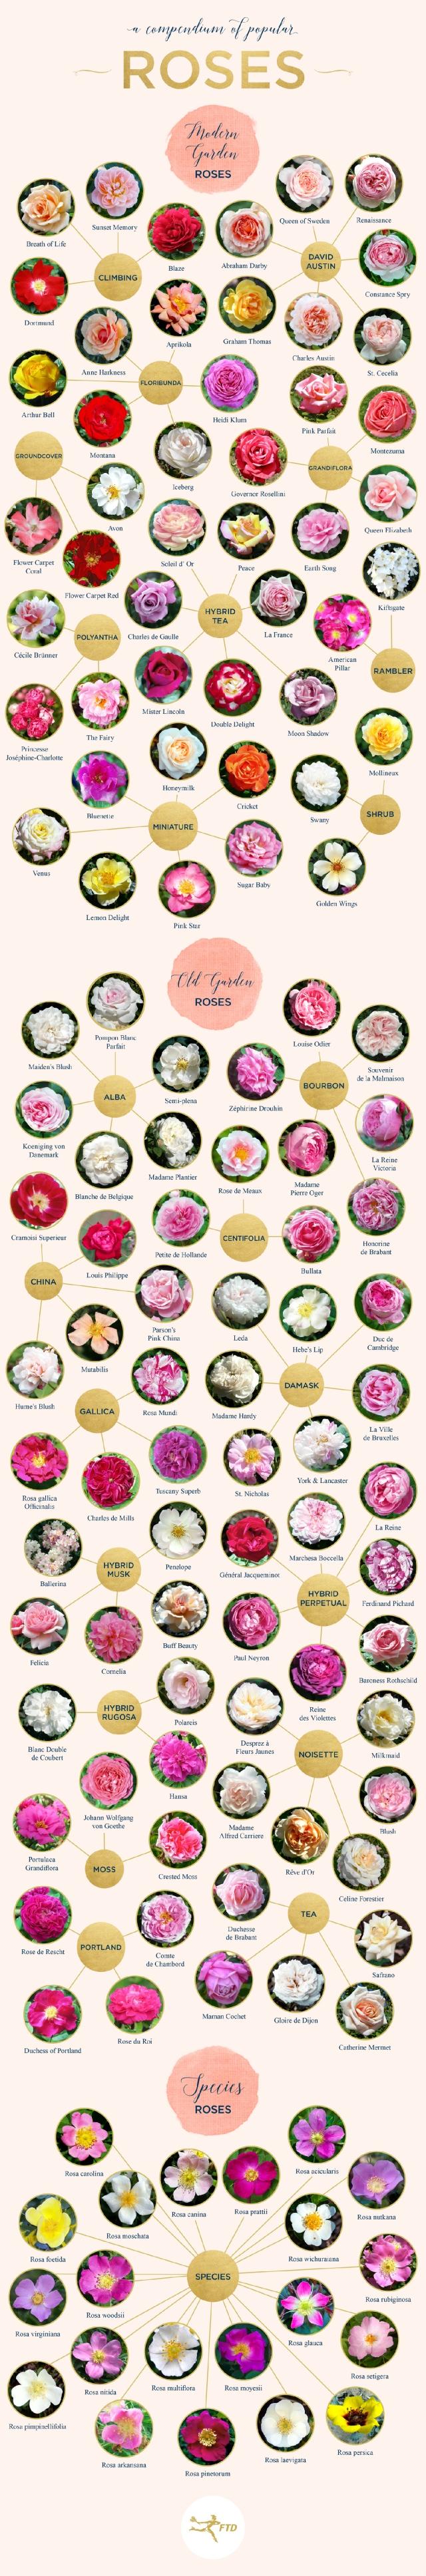 rose-compendium-infographic